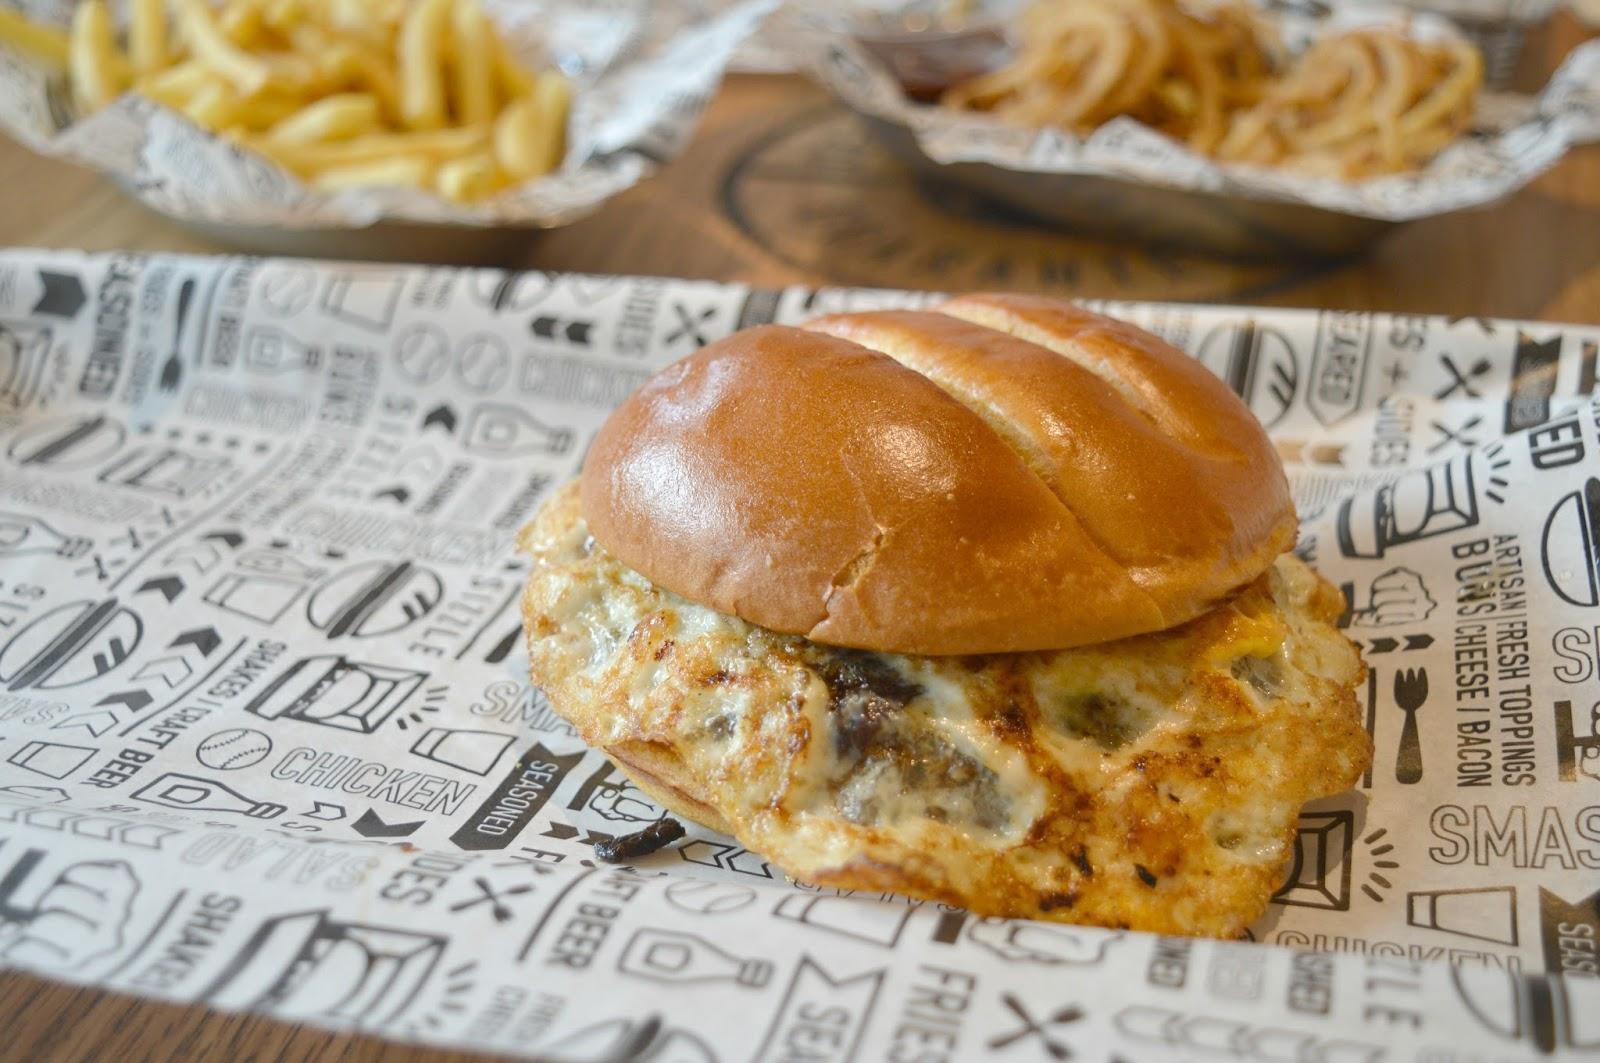 Eldon Square - Smashburger